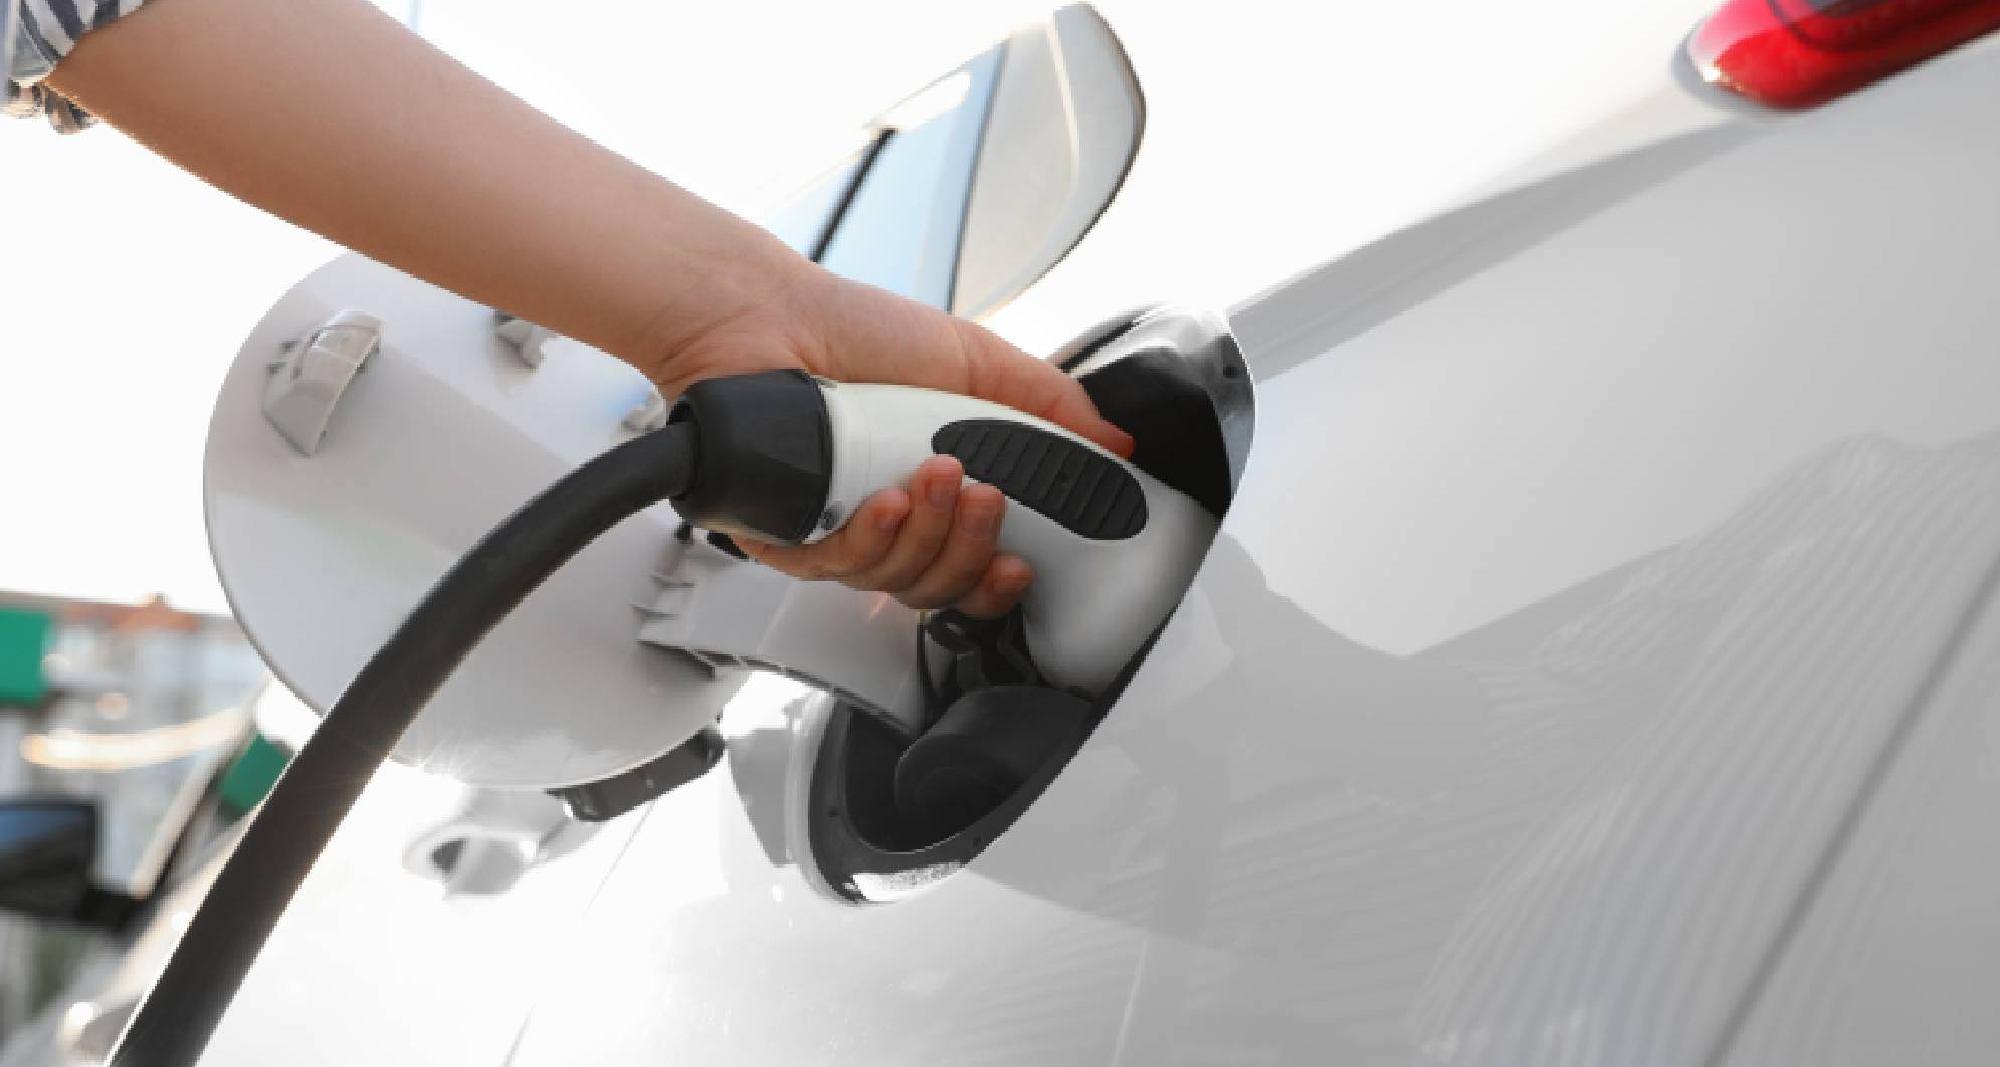 Décarbonation et transition énergétique : la voiture électrique est-elle toujours le choix évident ?